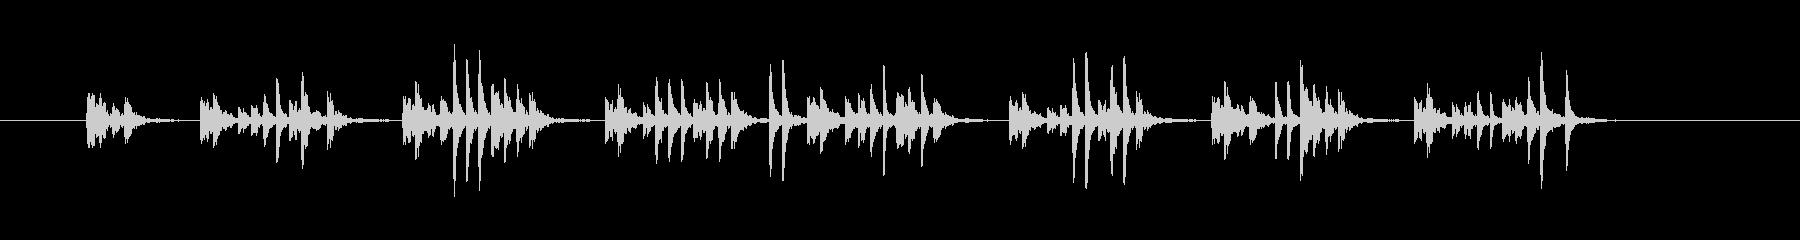 マレットの付いた大気のスタカト弦は...の未再生の波形